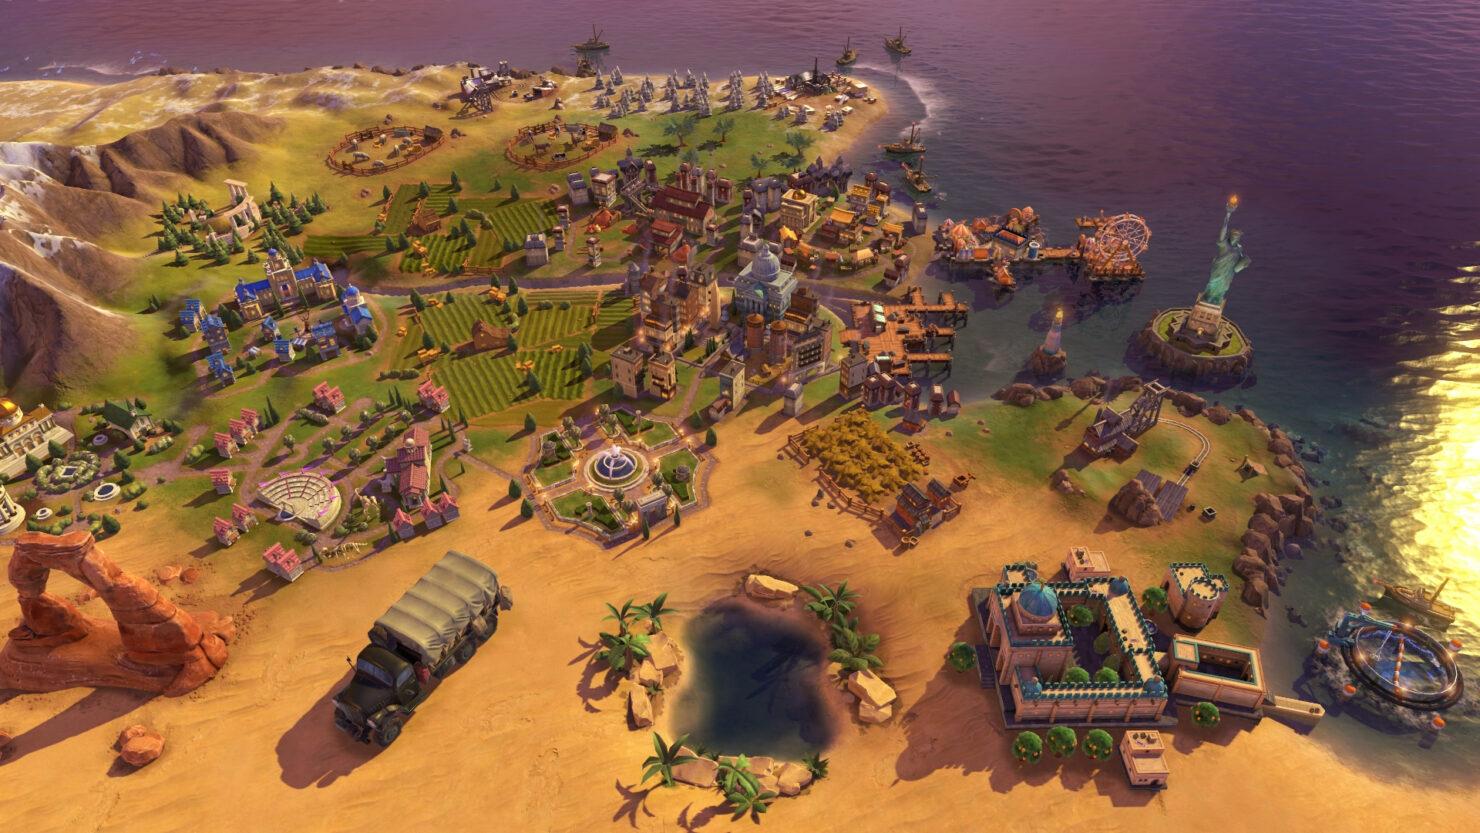 2kgmkt_civilizationvi-rf_game-image_announce_ocean_1_1_2